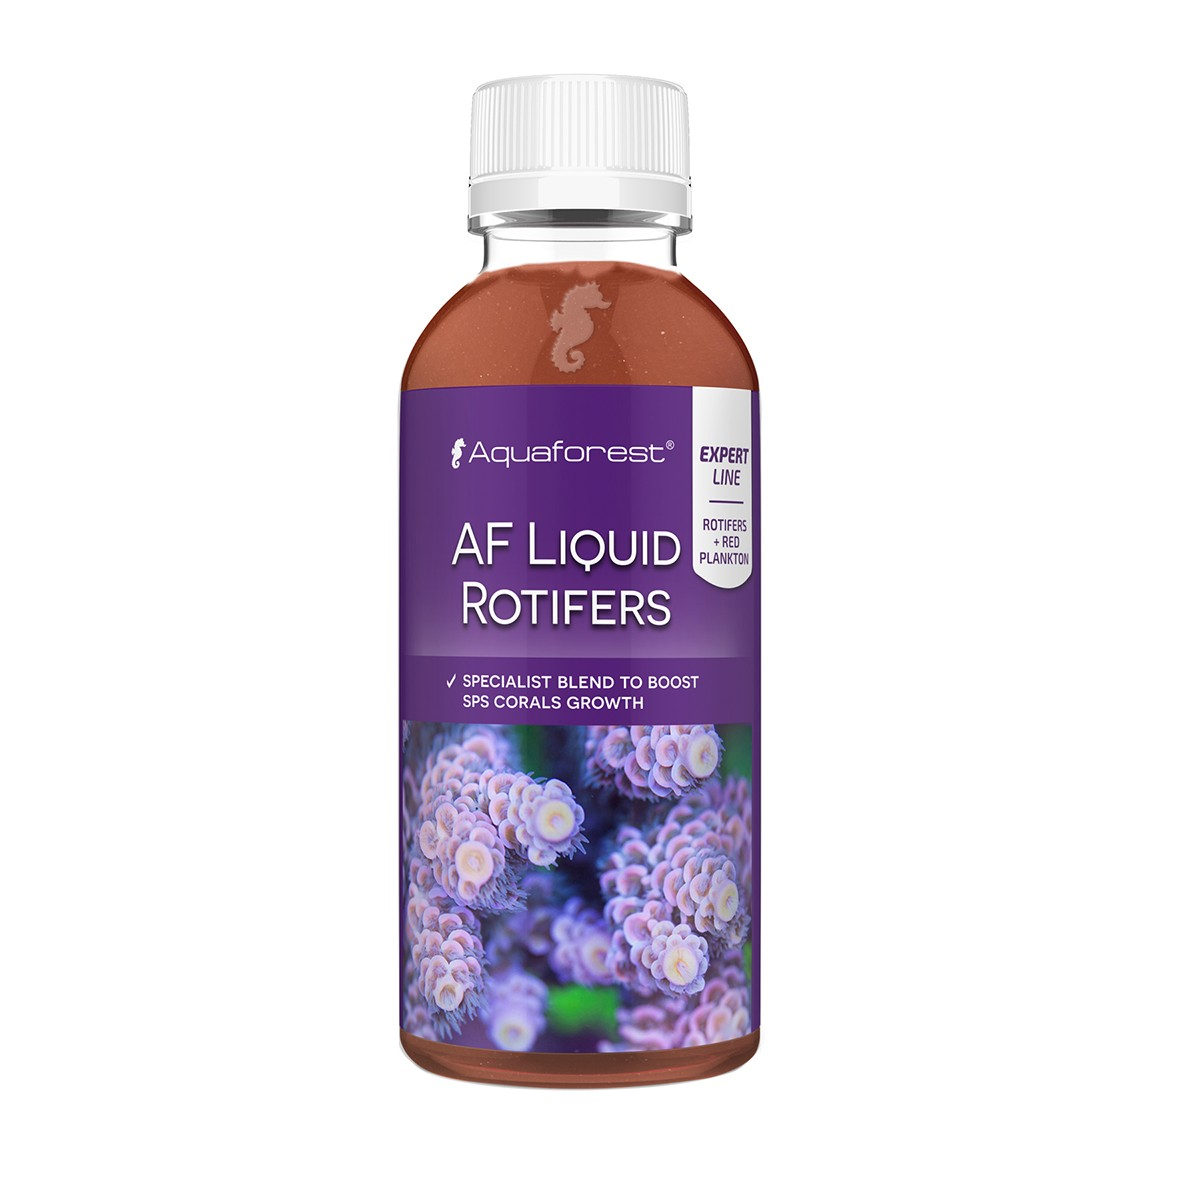 Aquaforest AF Liquid Rotifers - Suplemento com Rotíferos